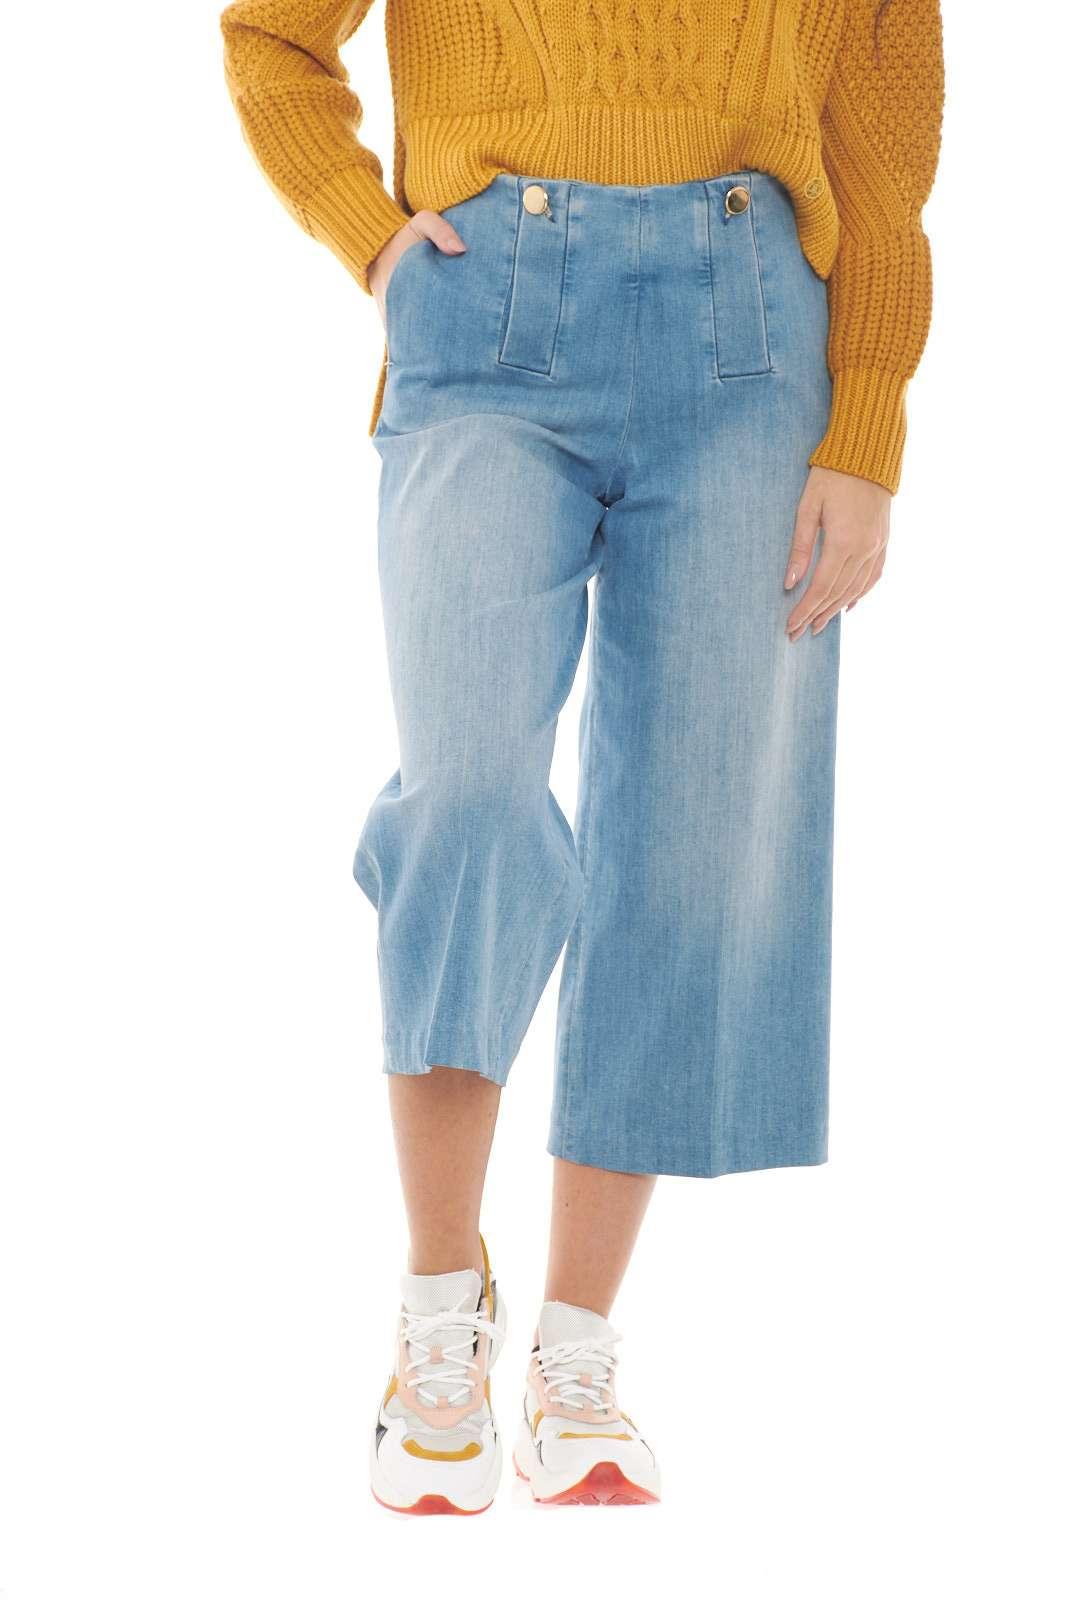 Un pantalone chic e alla moda, con un effetto denim moderno e spiritoso.  Il modello cropped, renderà ogni abbinamento glamour e e fashion, per outfit sempre di tendenza.    La modella è alta 1,78m e indossa la taglia 40.